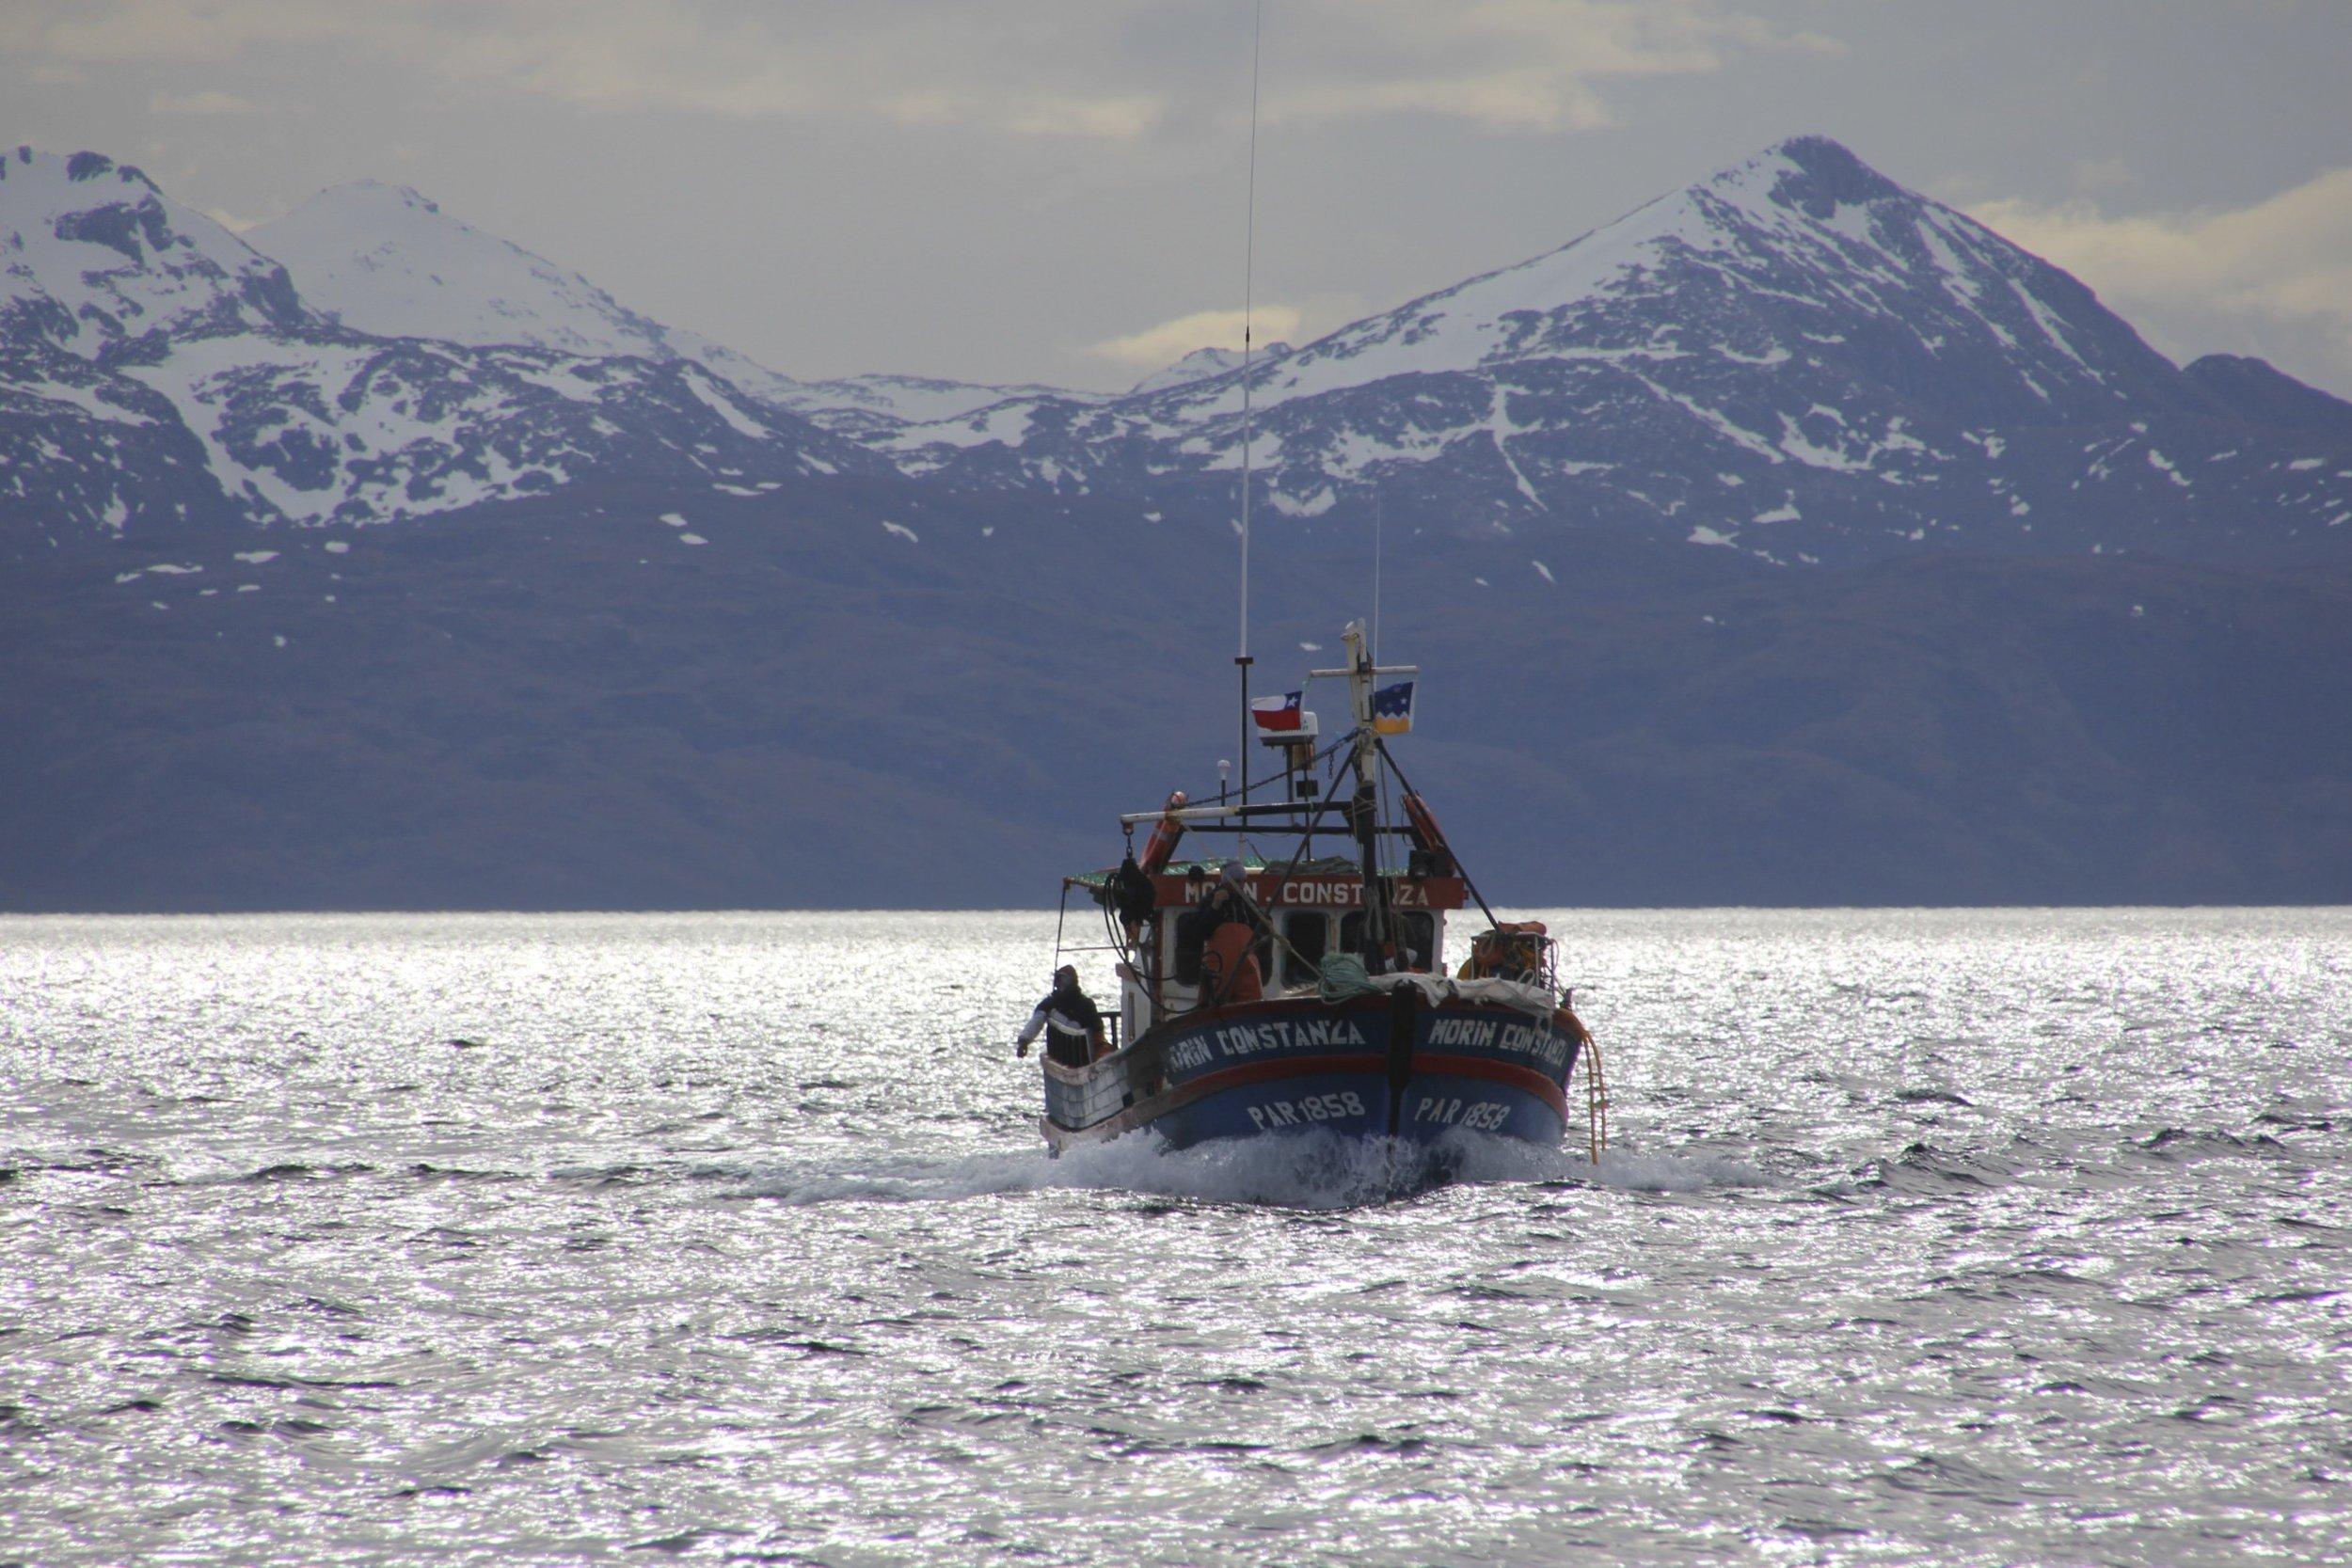 Crab fishermen in southern Patagonia